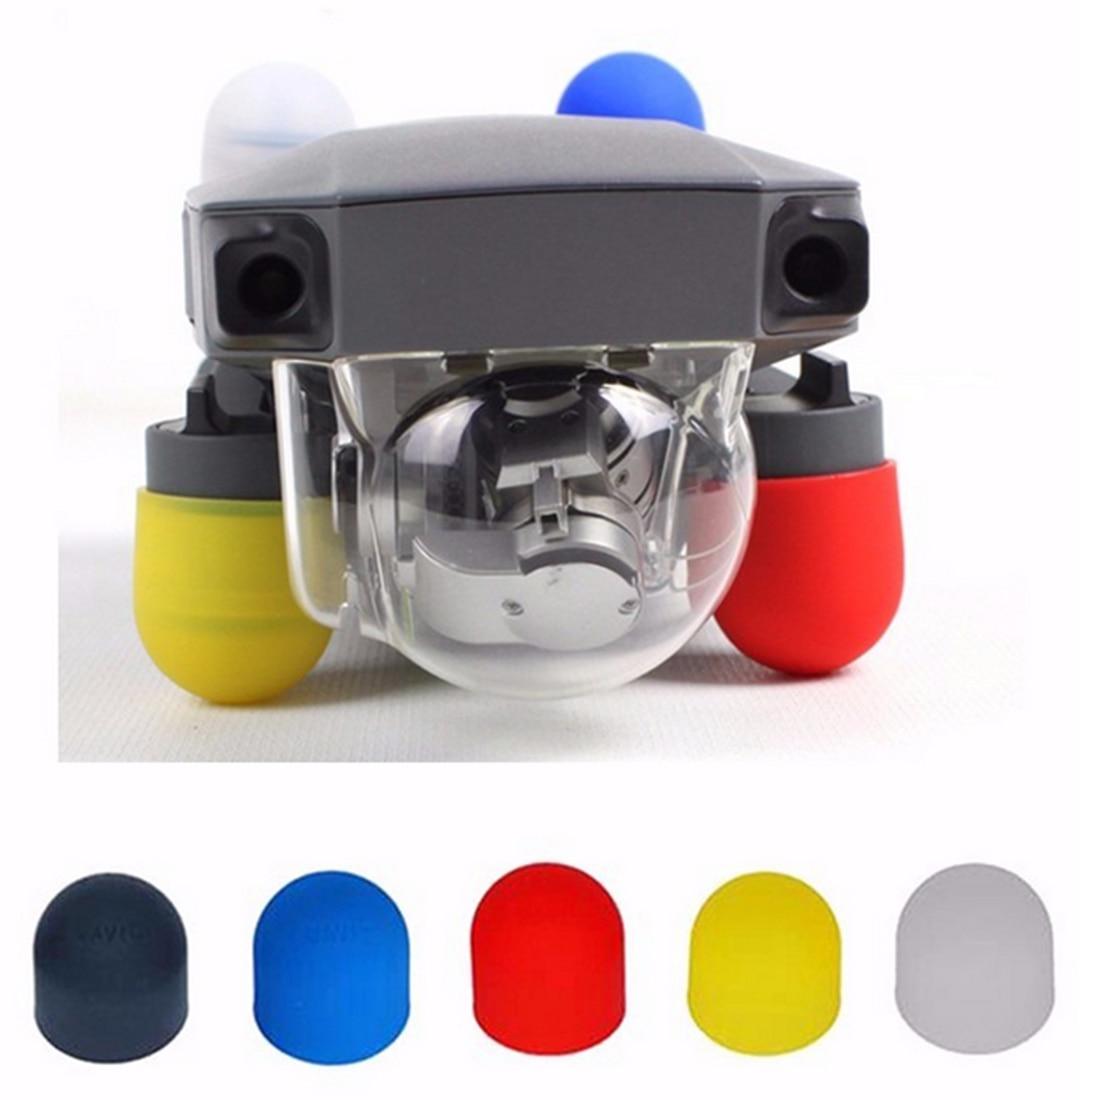 Защита камеры силиконовая для dji mavic продажа очков виртуальной реальности vr box